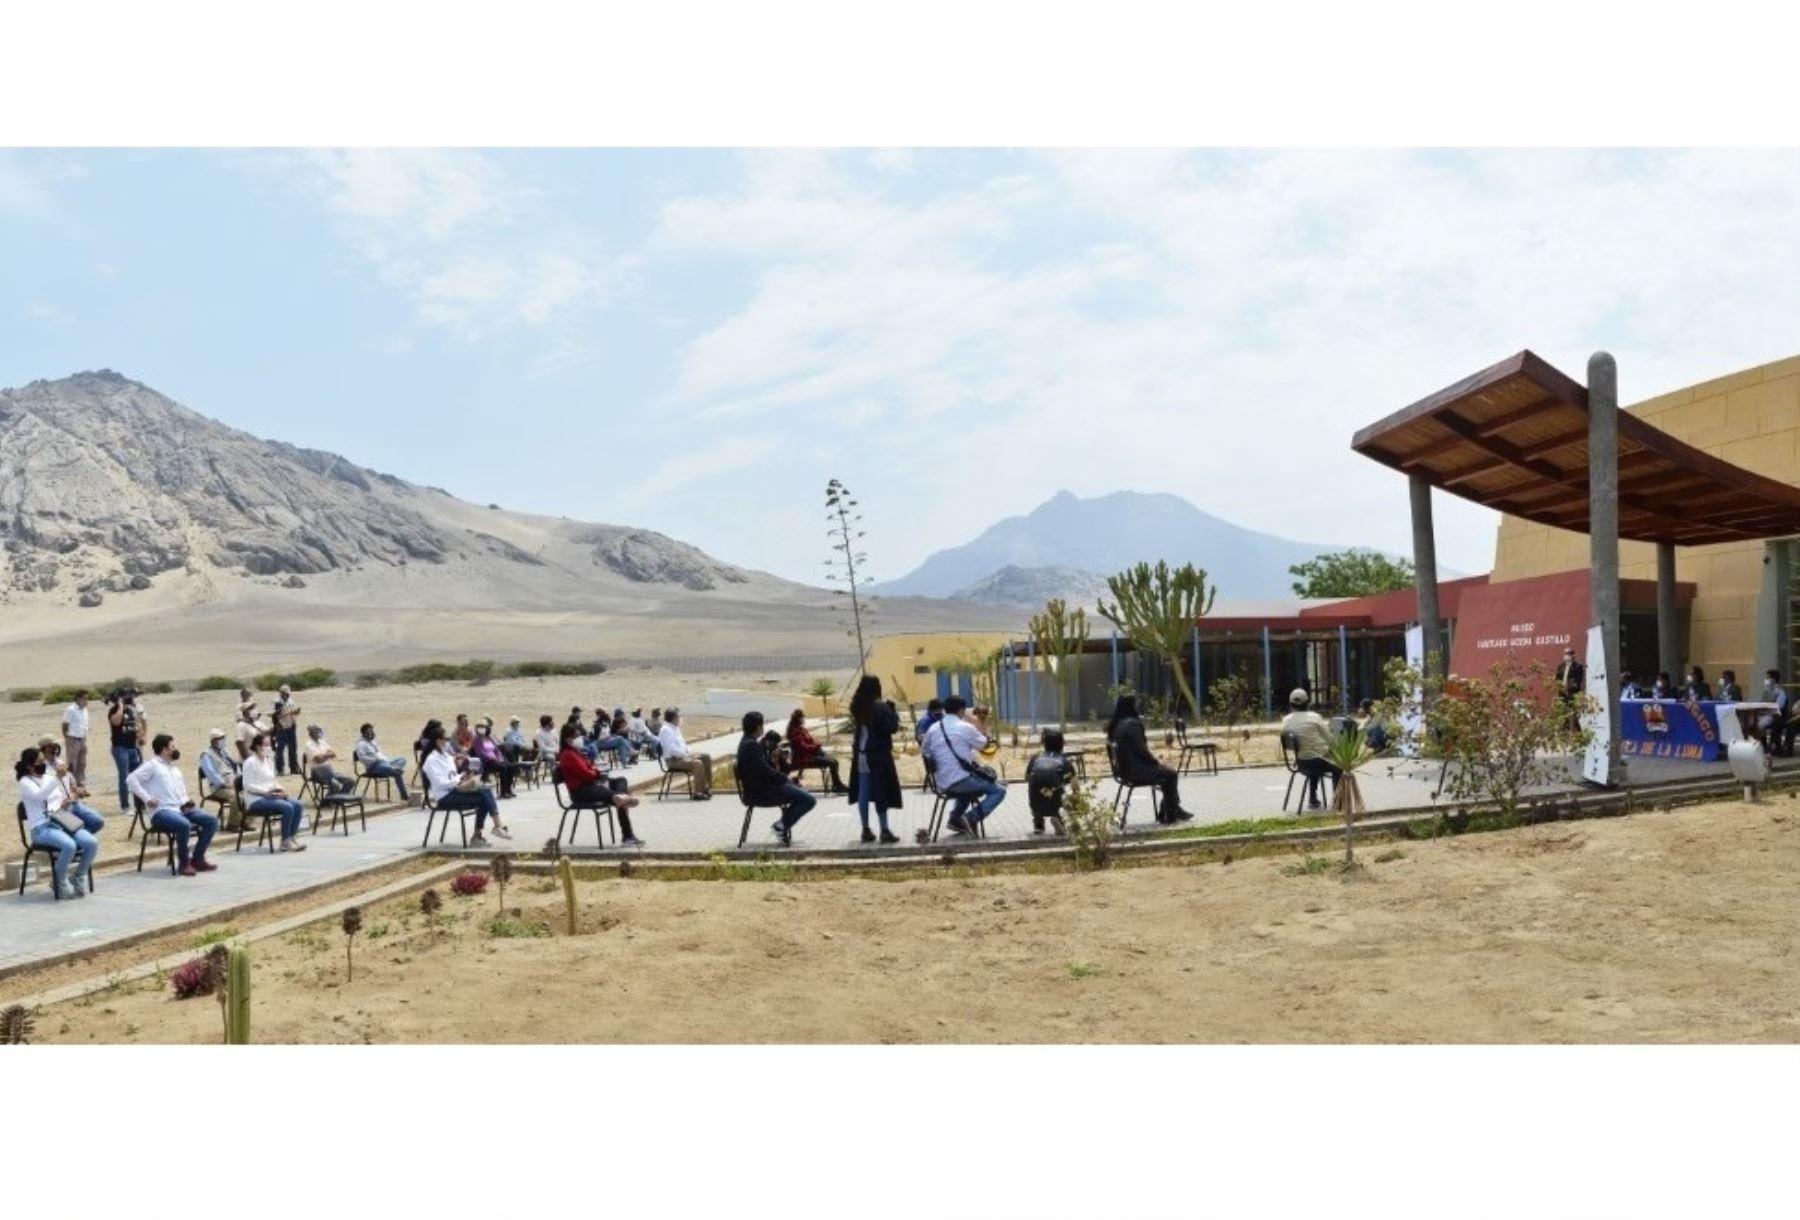 La huaca de la Luna, ubicada en la provincia de Trujillo, recibió 120 visitantes tras el reinicio de la actividad turística en dicho sitio arqueológico que reabrió sus puertas el 12 de noviembre.